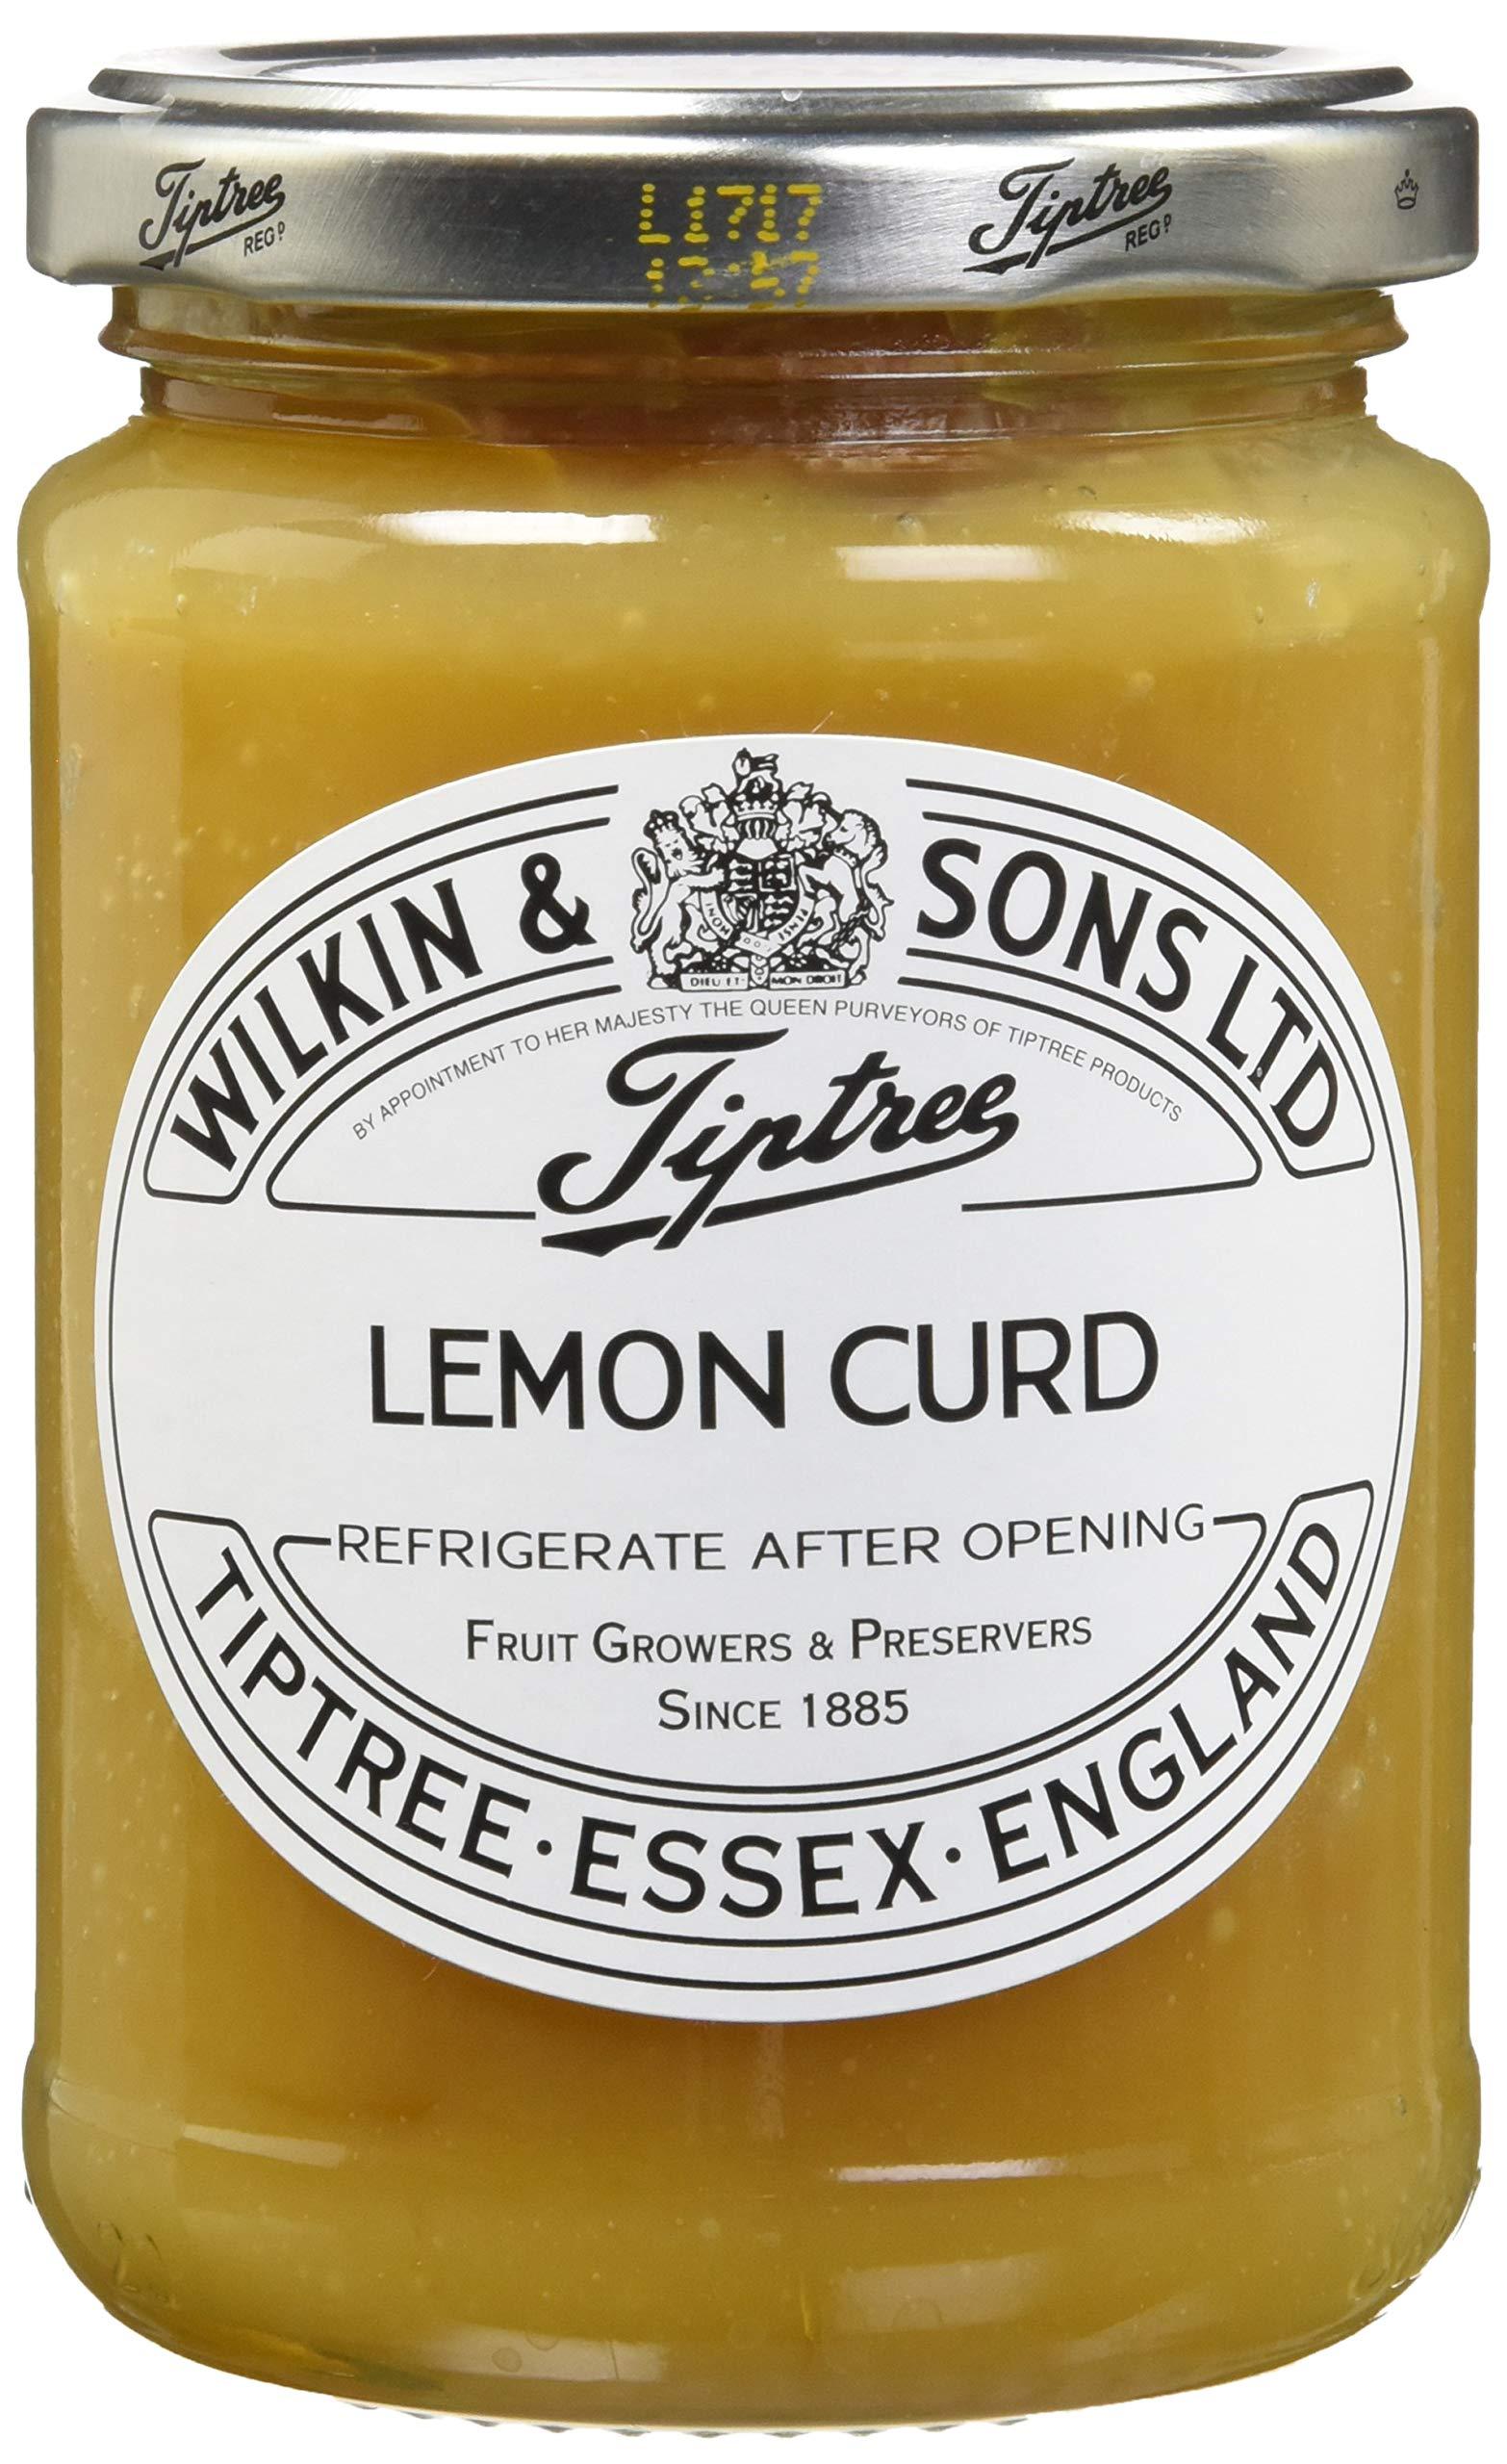 Tiptree Lemon Curd, 11 Ounce Jars (Pack of 2) by Tiptree